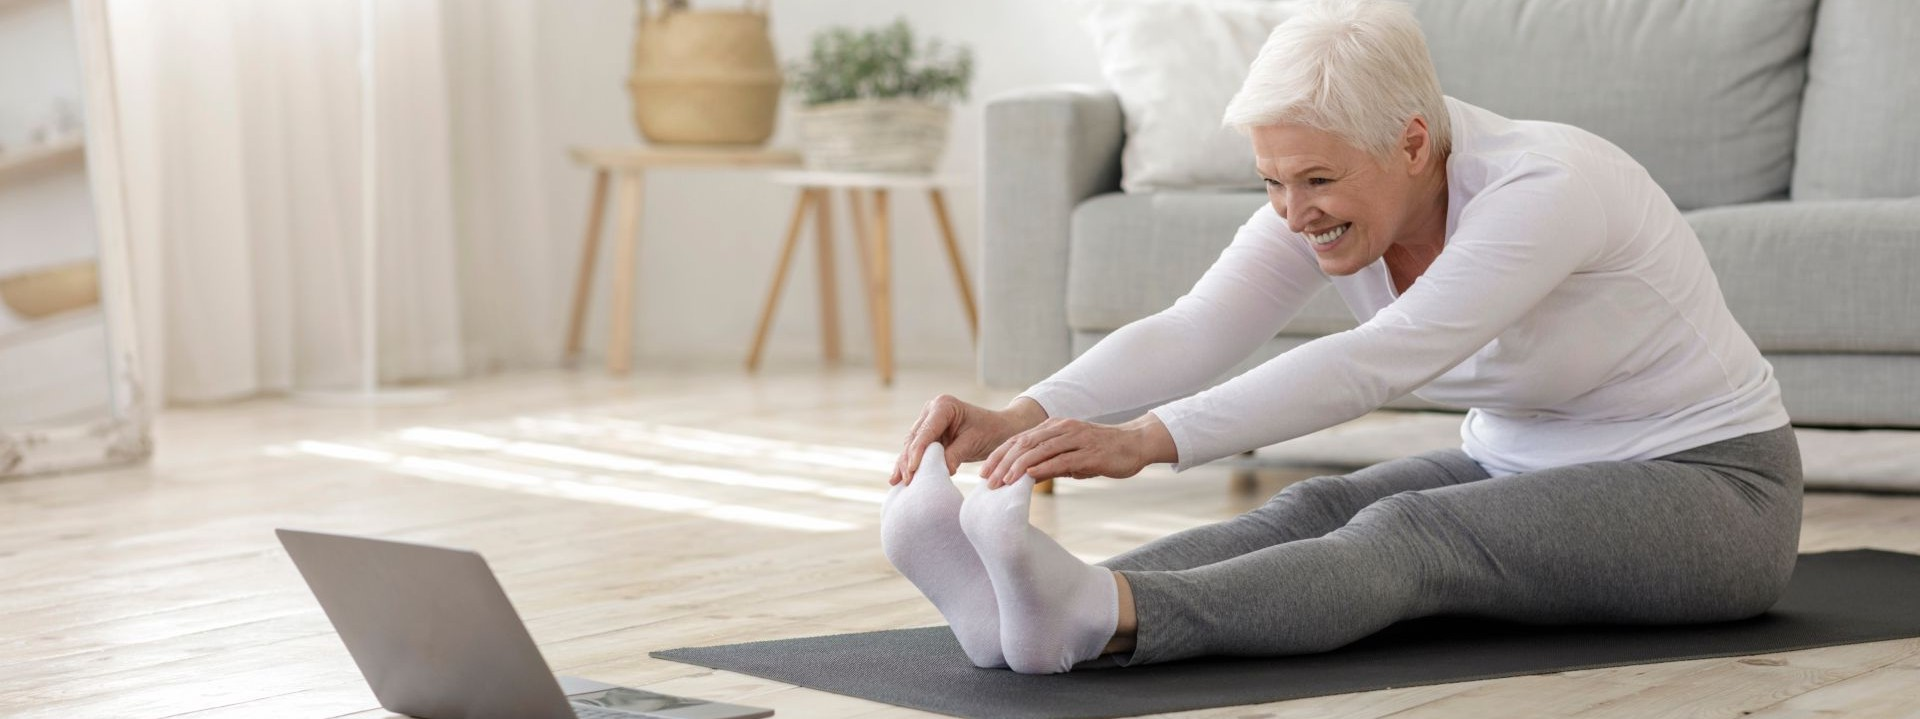 Eine Seniorin dehnt sich auf einer Sportmatte im Wohnzimmer. Dabei schaut sie auf einen Laptop der vor ihr steht.